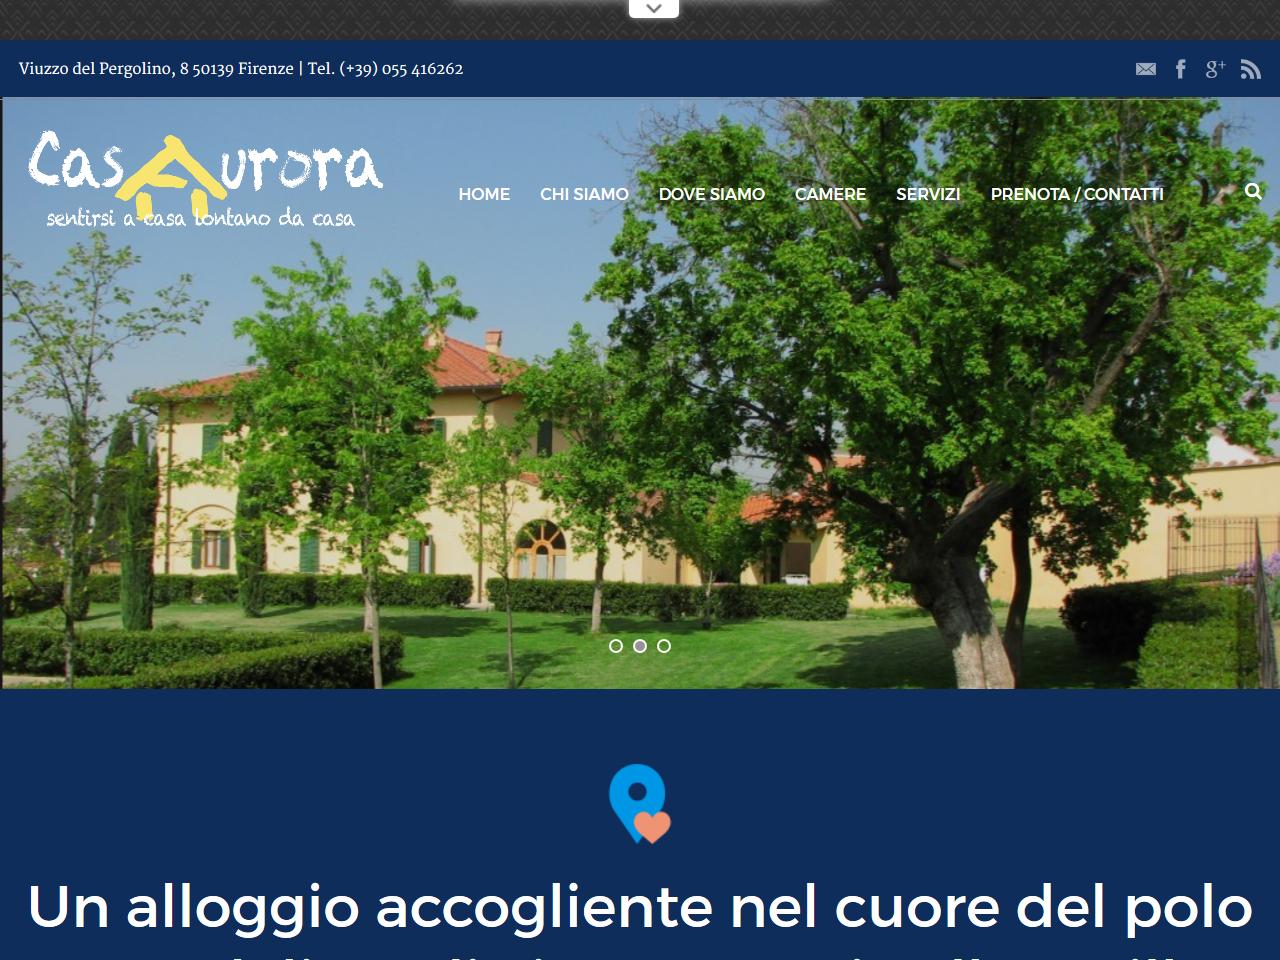 Ospitalità Casa Aurora